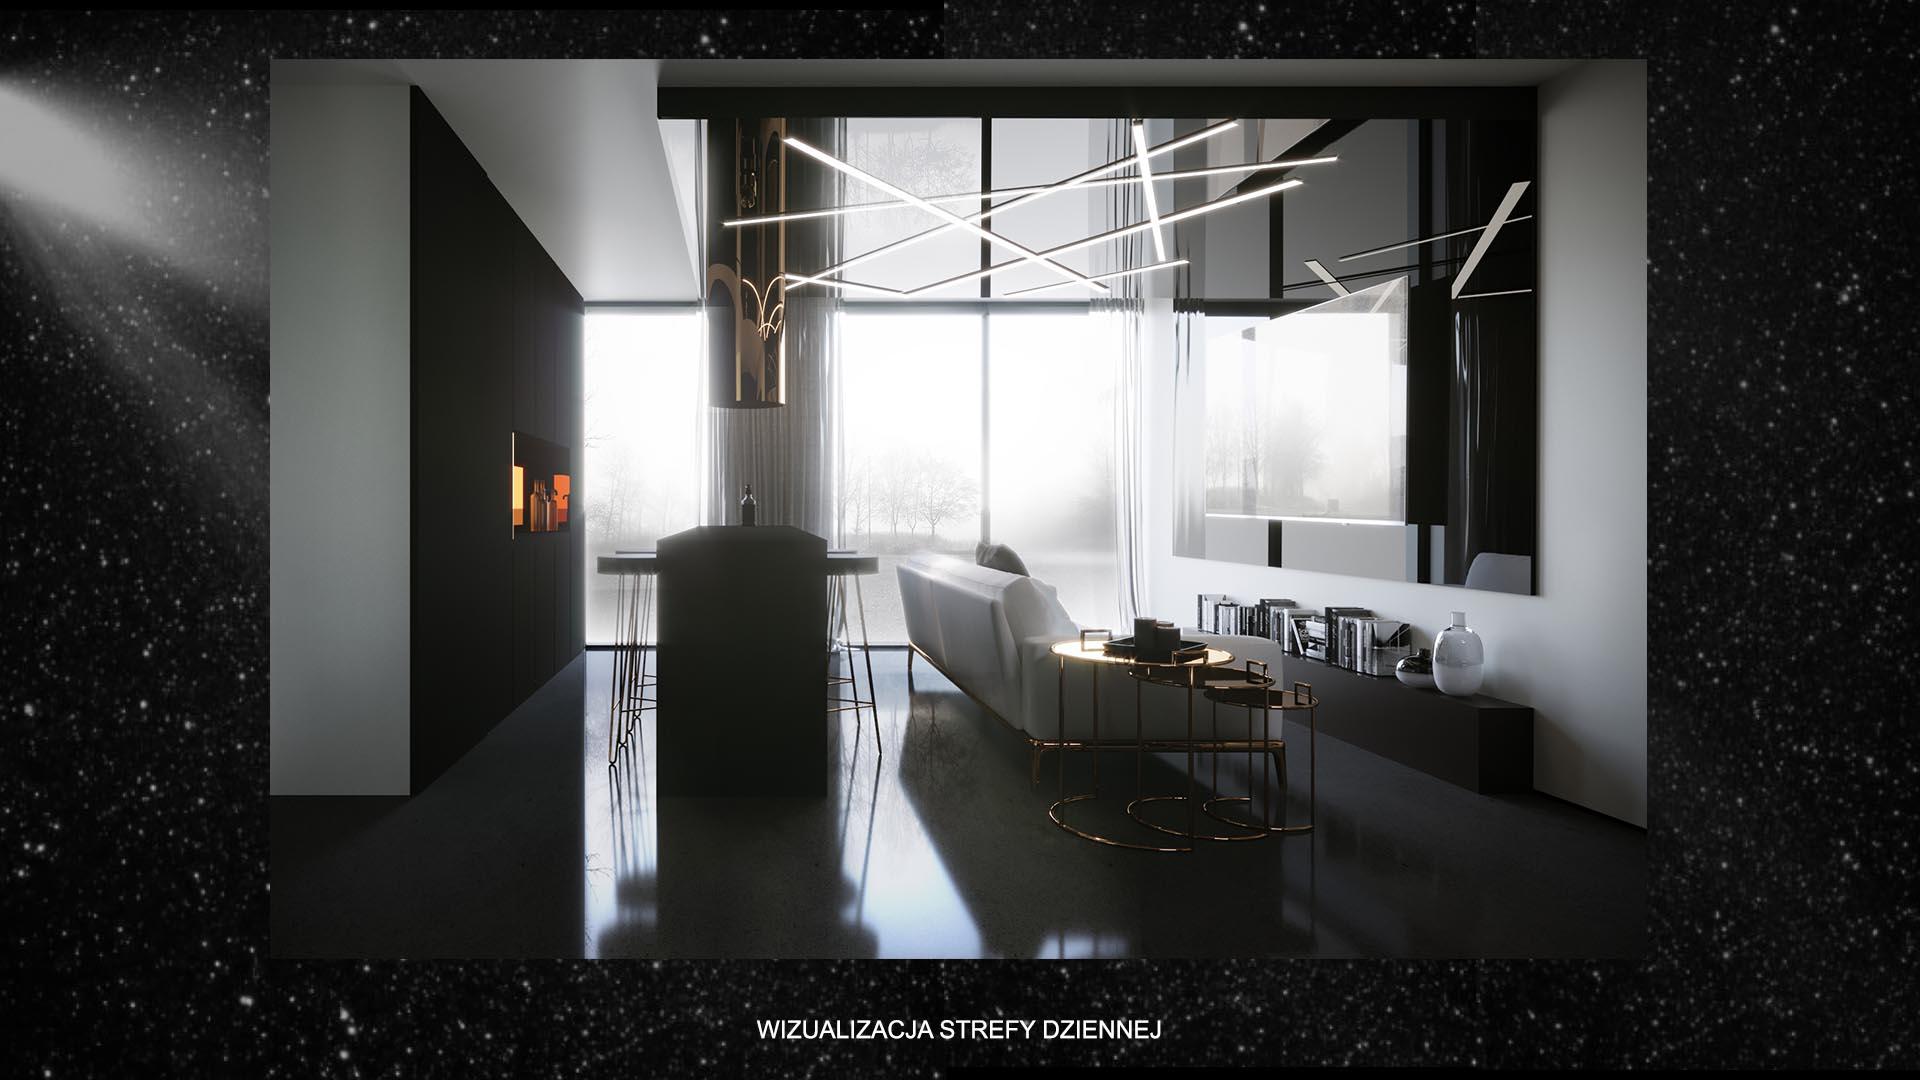 Apartament kometa - wizualizacja strefy dziennej